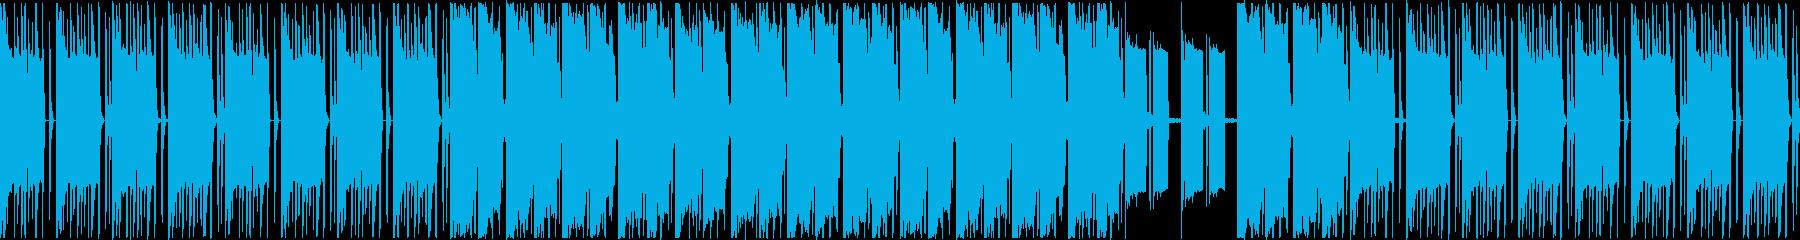 スローモーションなギャング風ビートの再生済みの波形